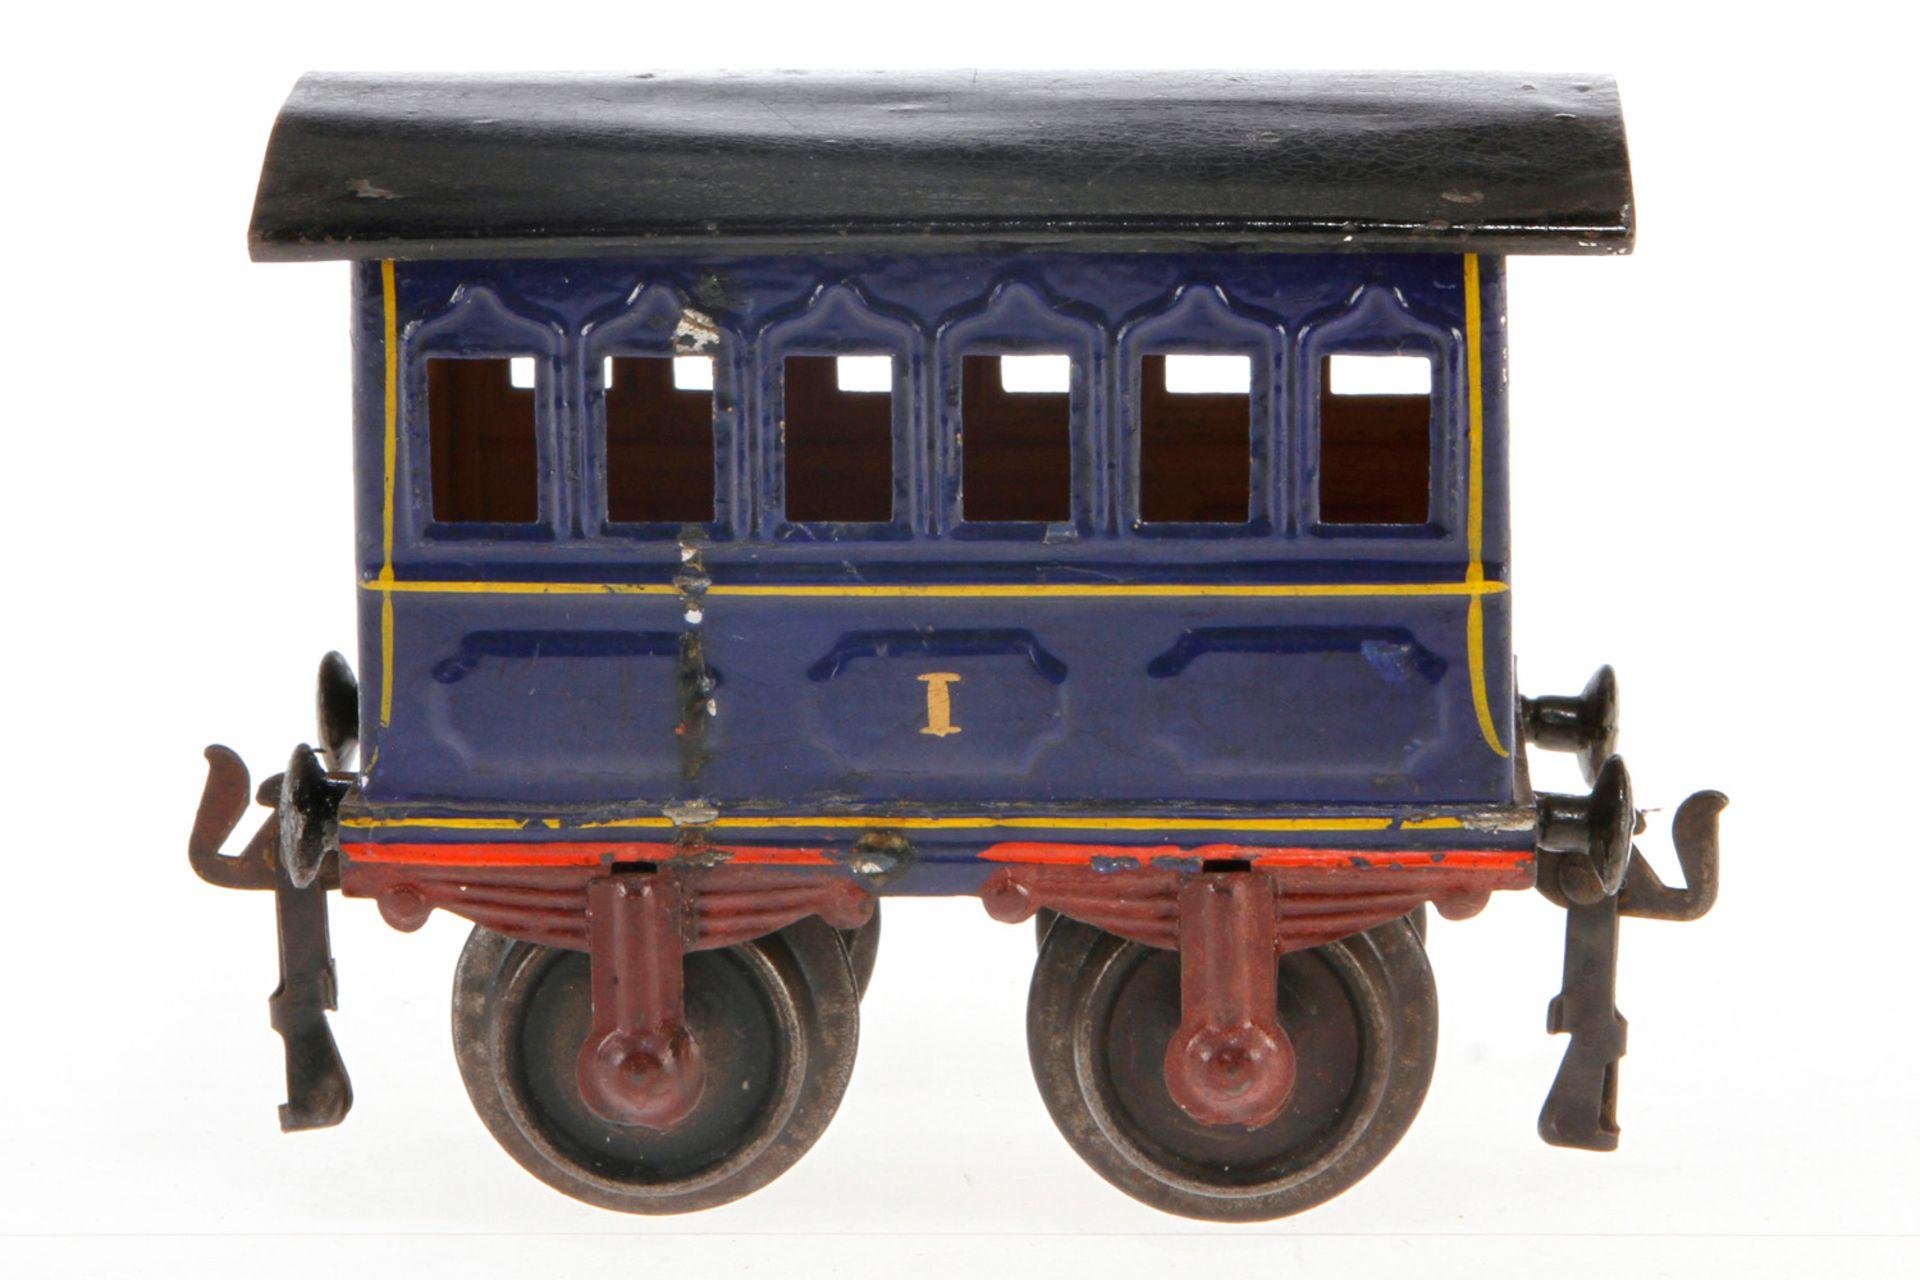 Märklin Personenwagen 1805, S 1, uralt, blau HL, 1 Puffer ersetzt, LS und gealterter Lack, L 12, Z